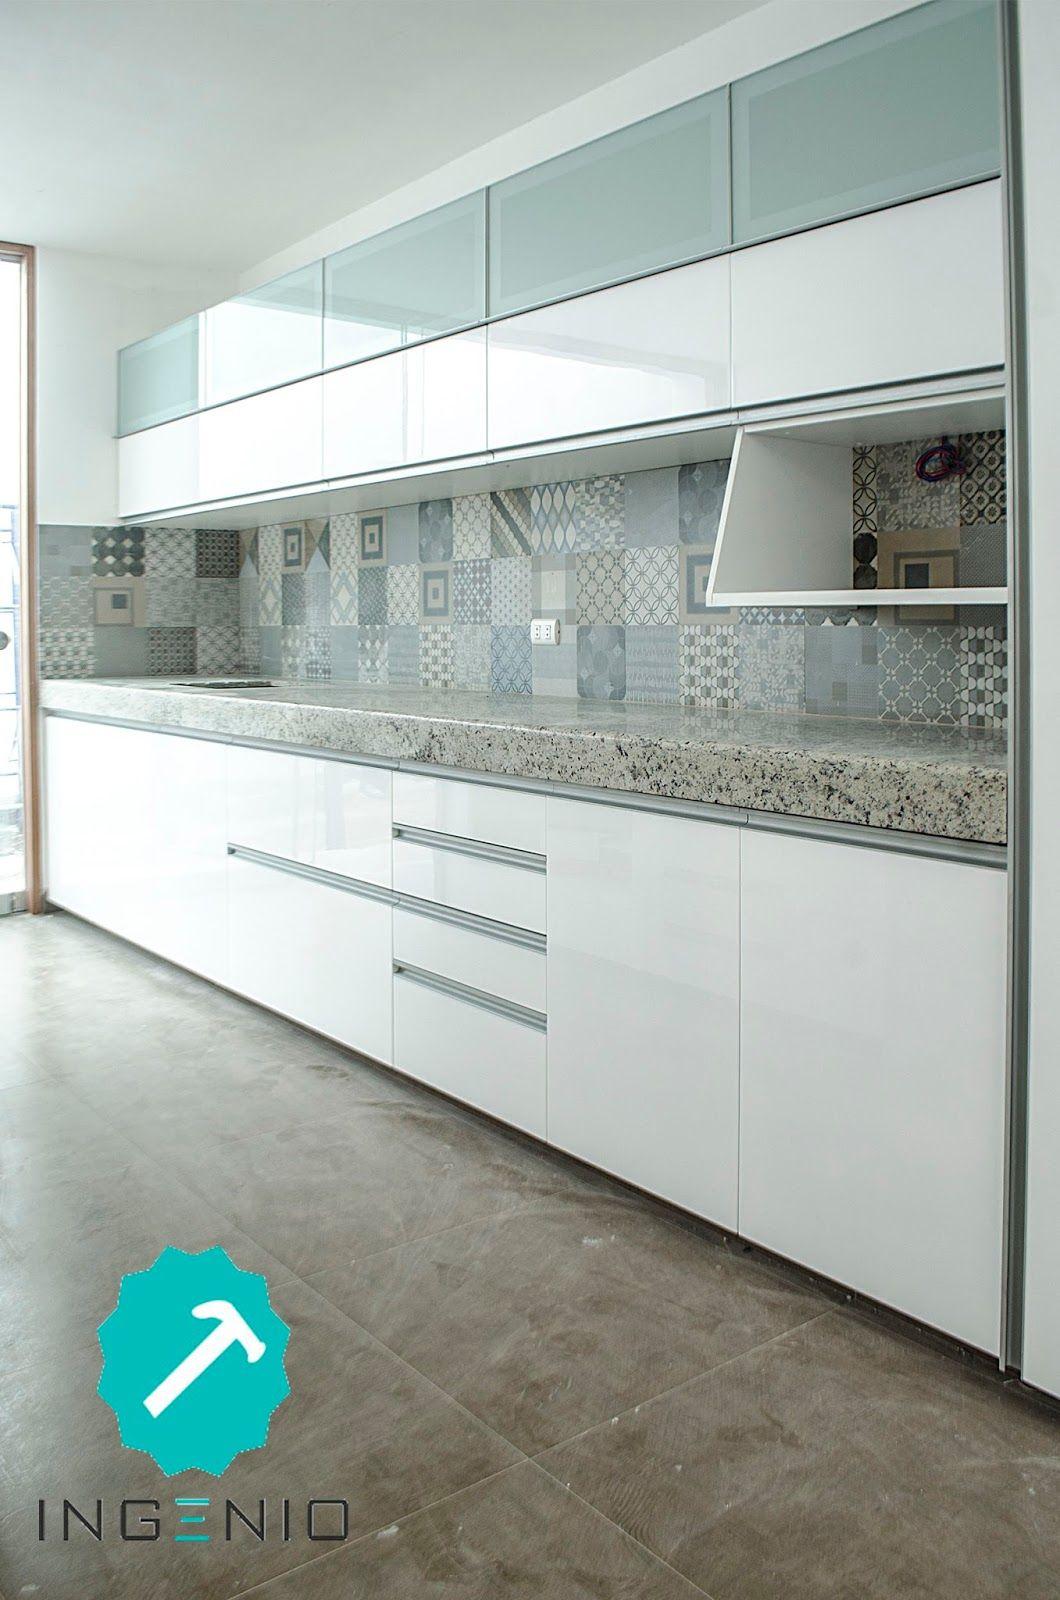 Mueble de cocina con acabado poliuretano blanco. | Cocinas ...